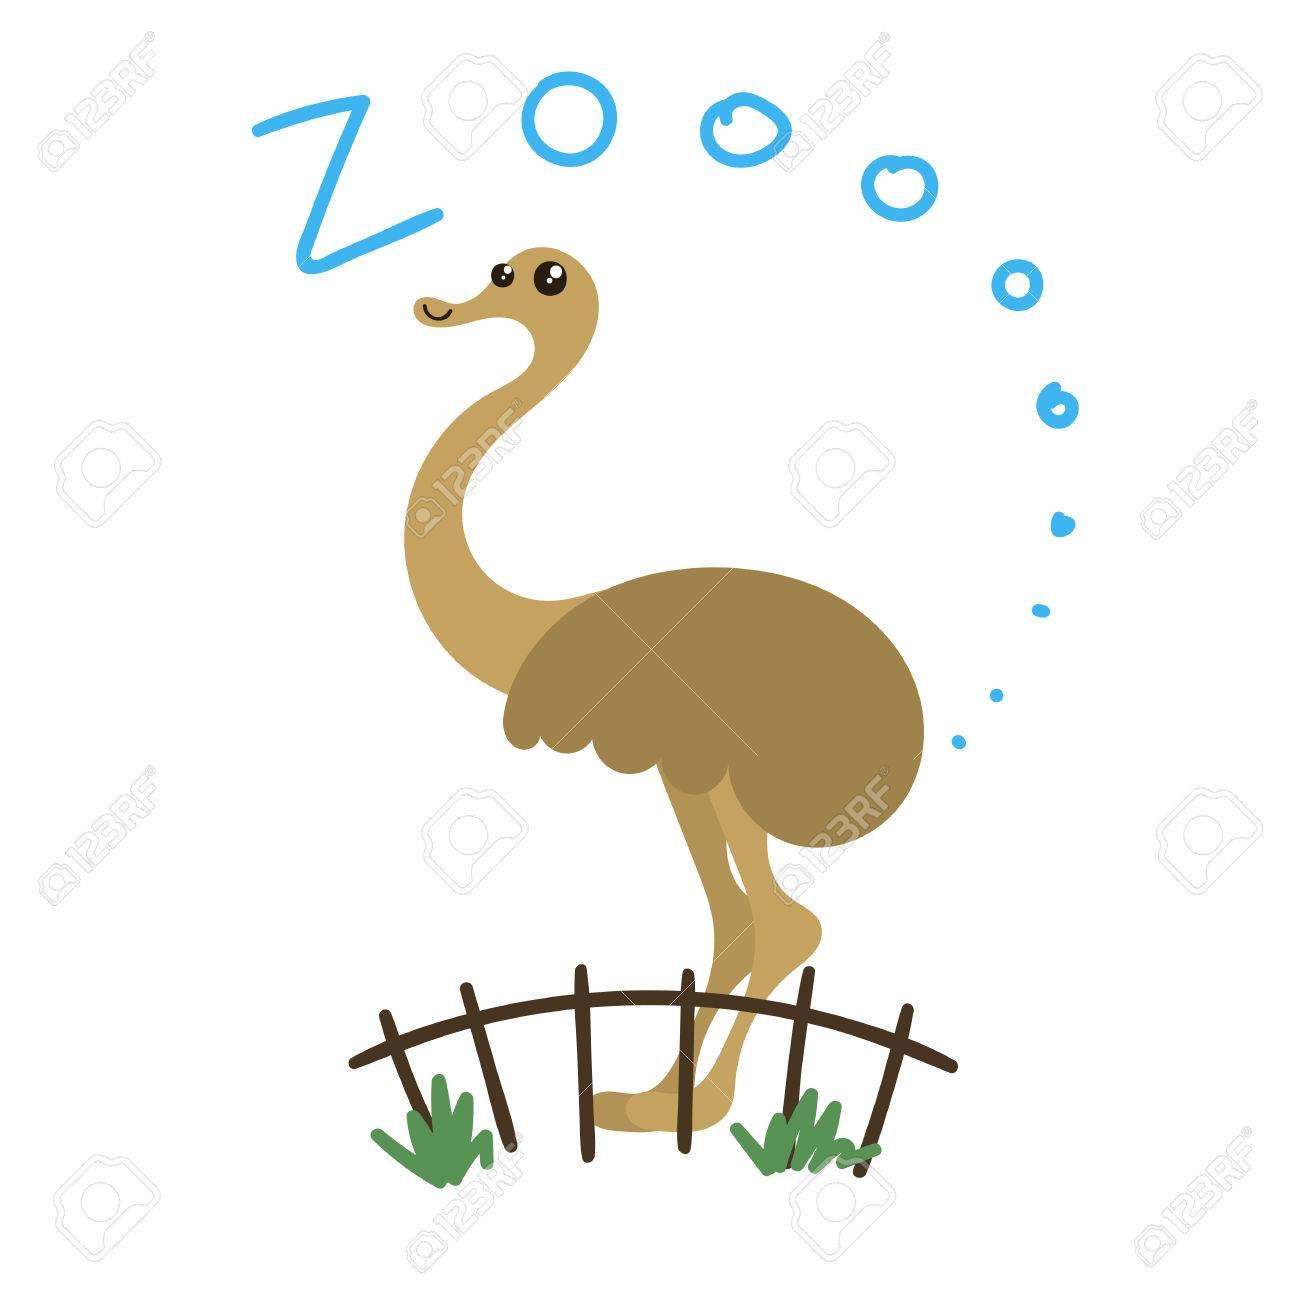 かわいいベクター動物園の動物。かわいい目とスタイル。落書きイラスト